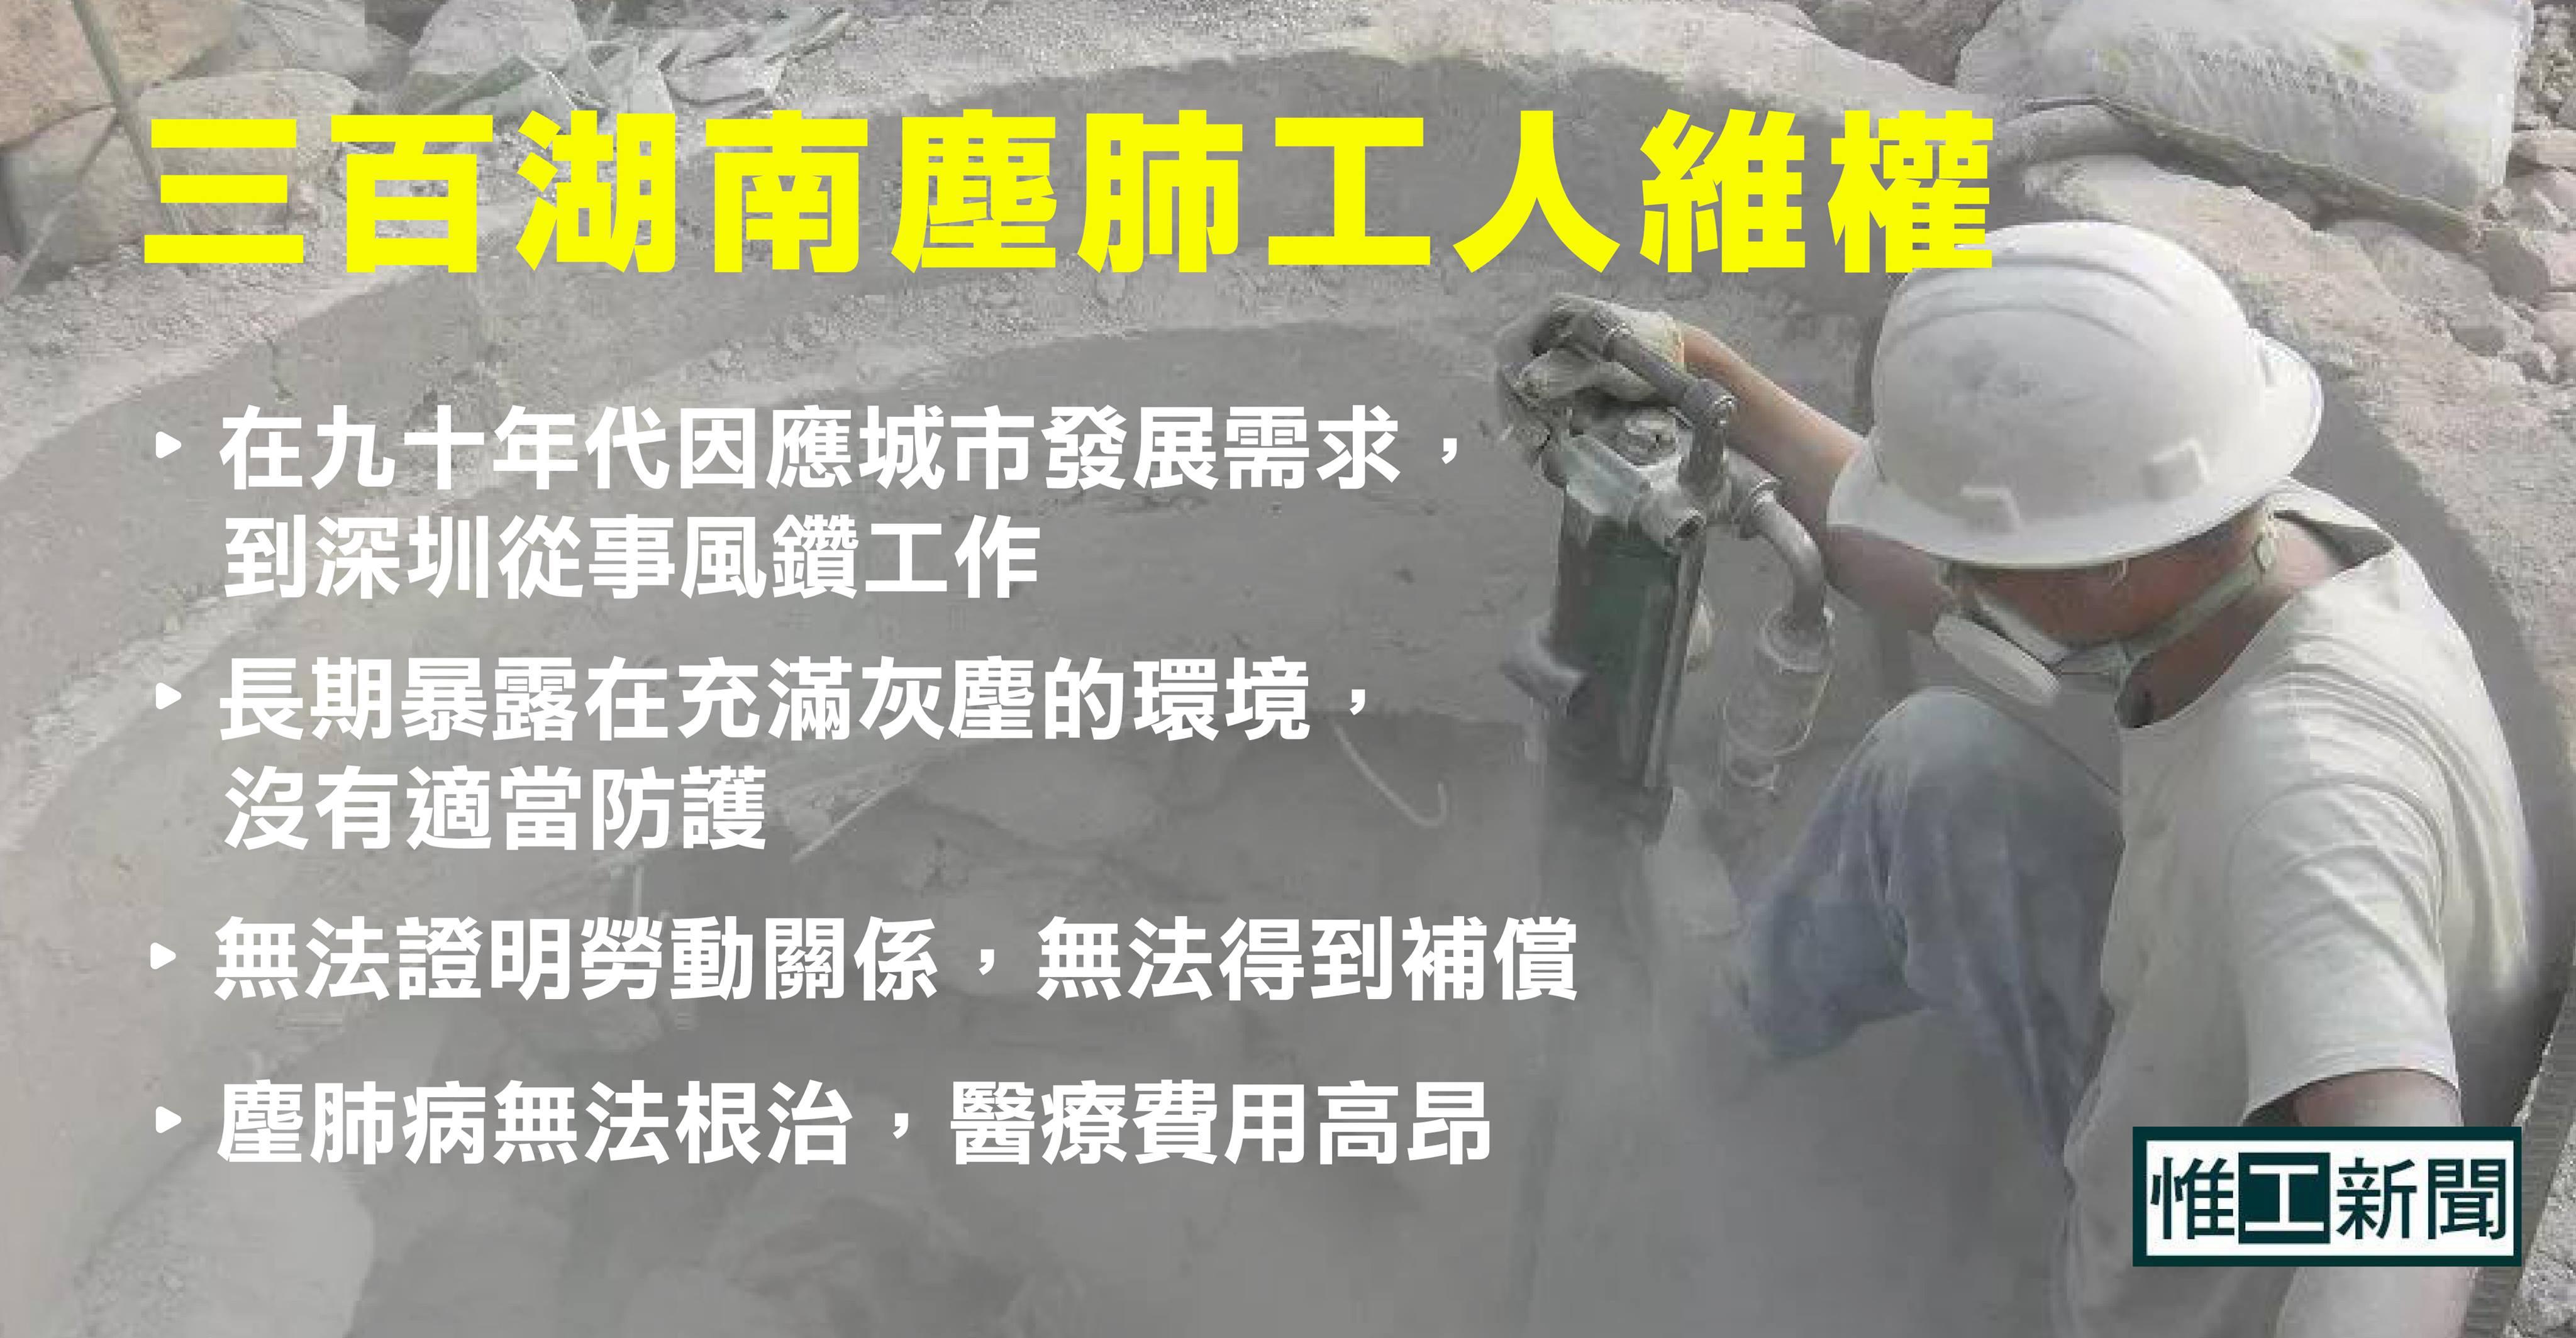 在深圳建築地盤工作 患上肺積塵 三百湖南工人集體索償 | 惟工新聞 | WKNews